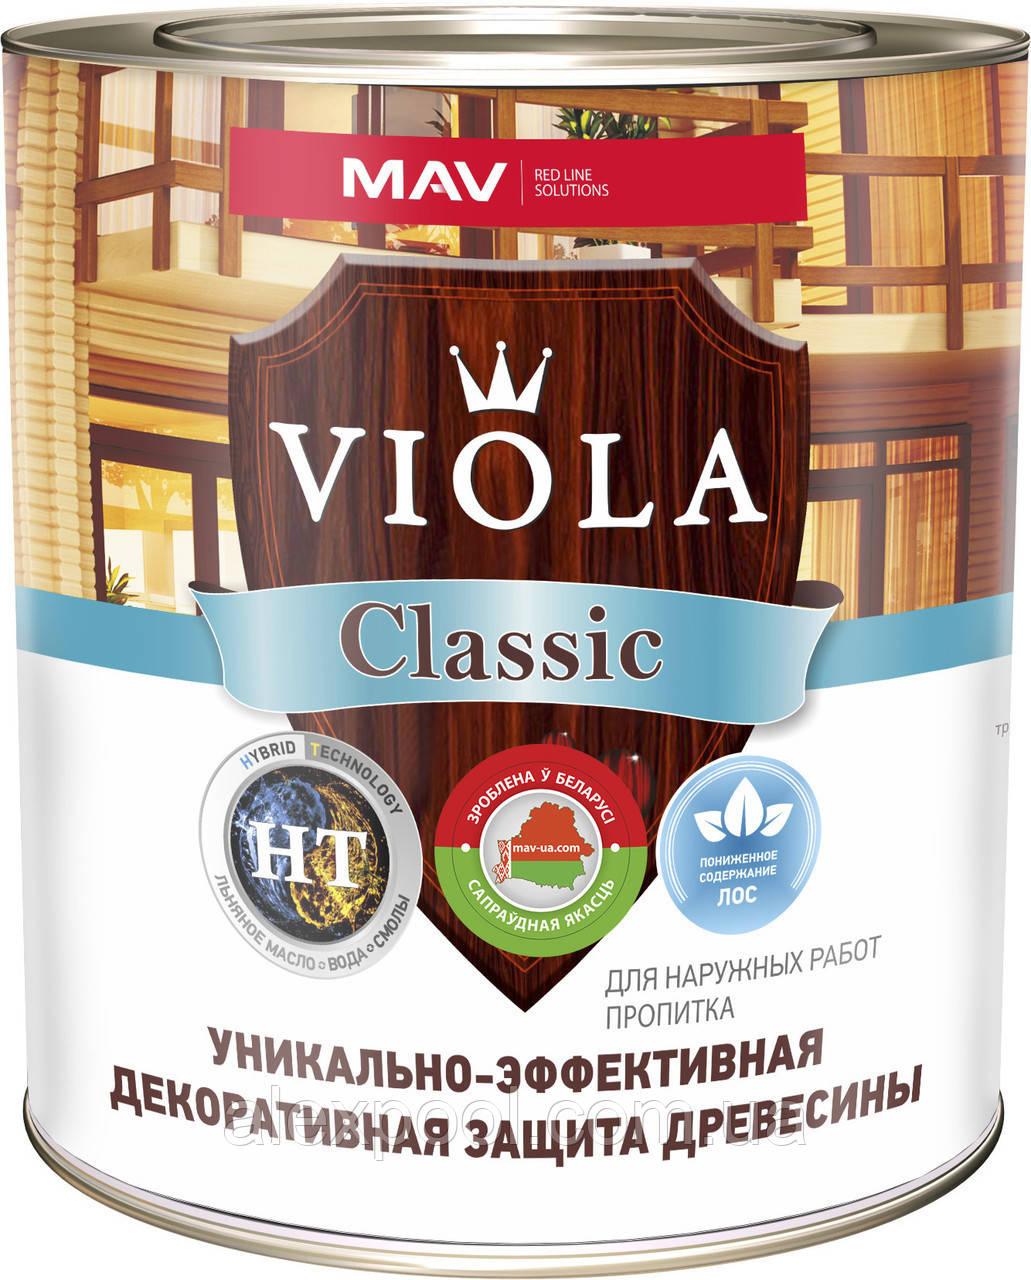 Лак алкидный MAV VIOLA Classic HT 30 защитно-декоративный без запаха для древесины Тик 1 литр